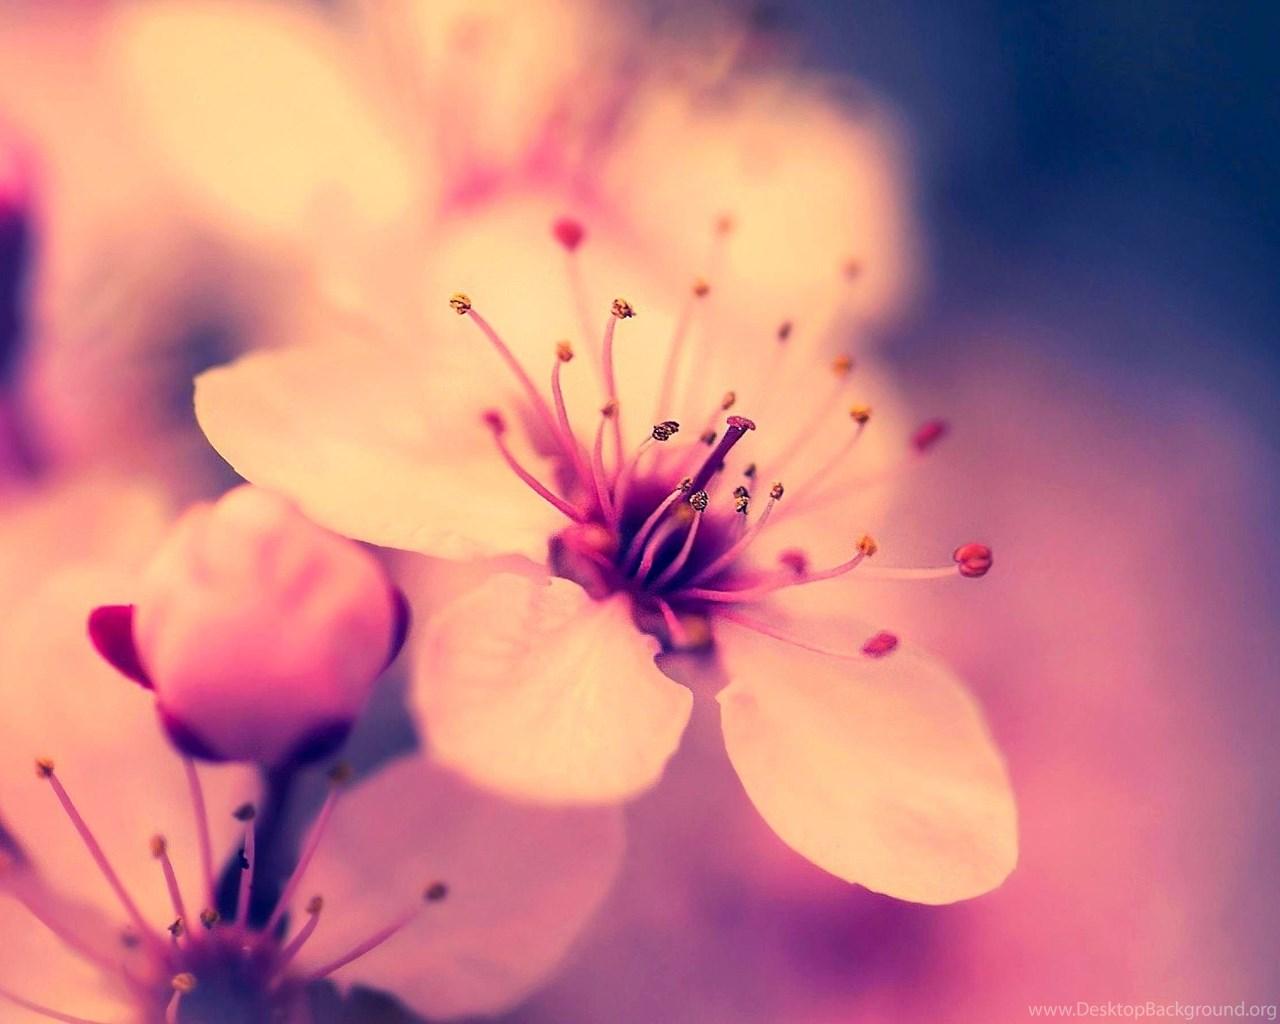 sakura flower wallpapers wallpapers cave desktop background